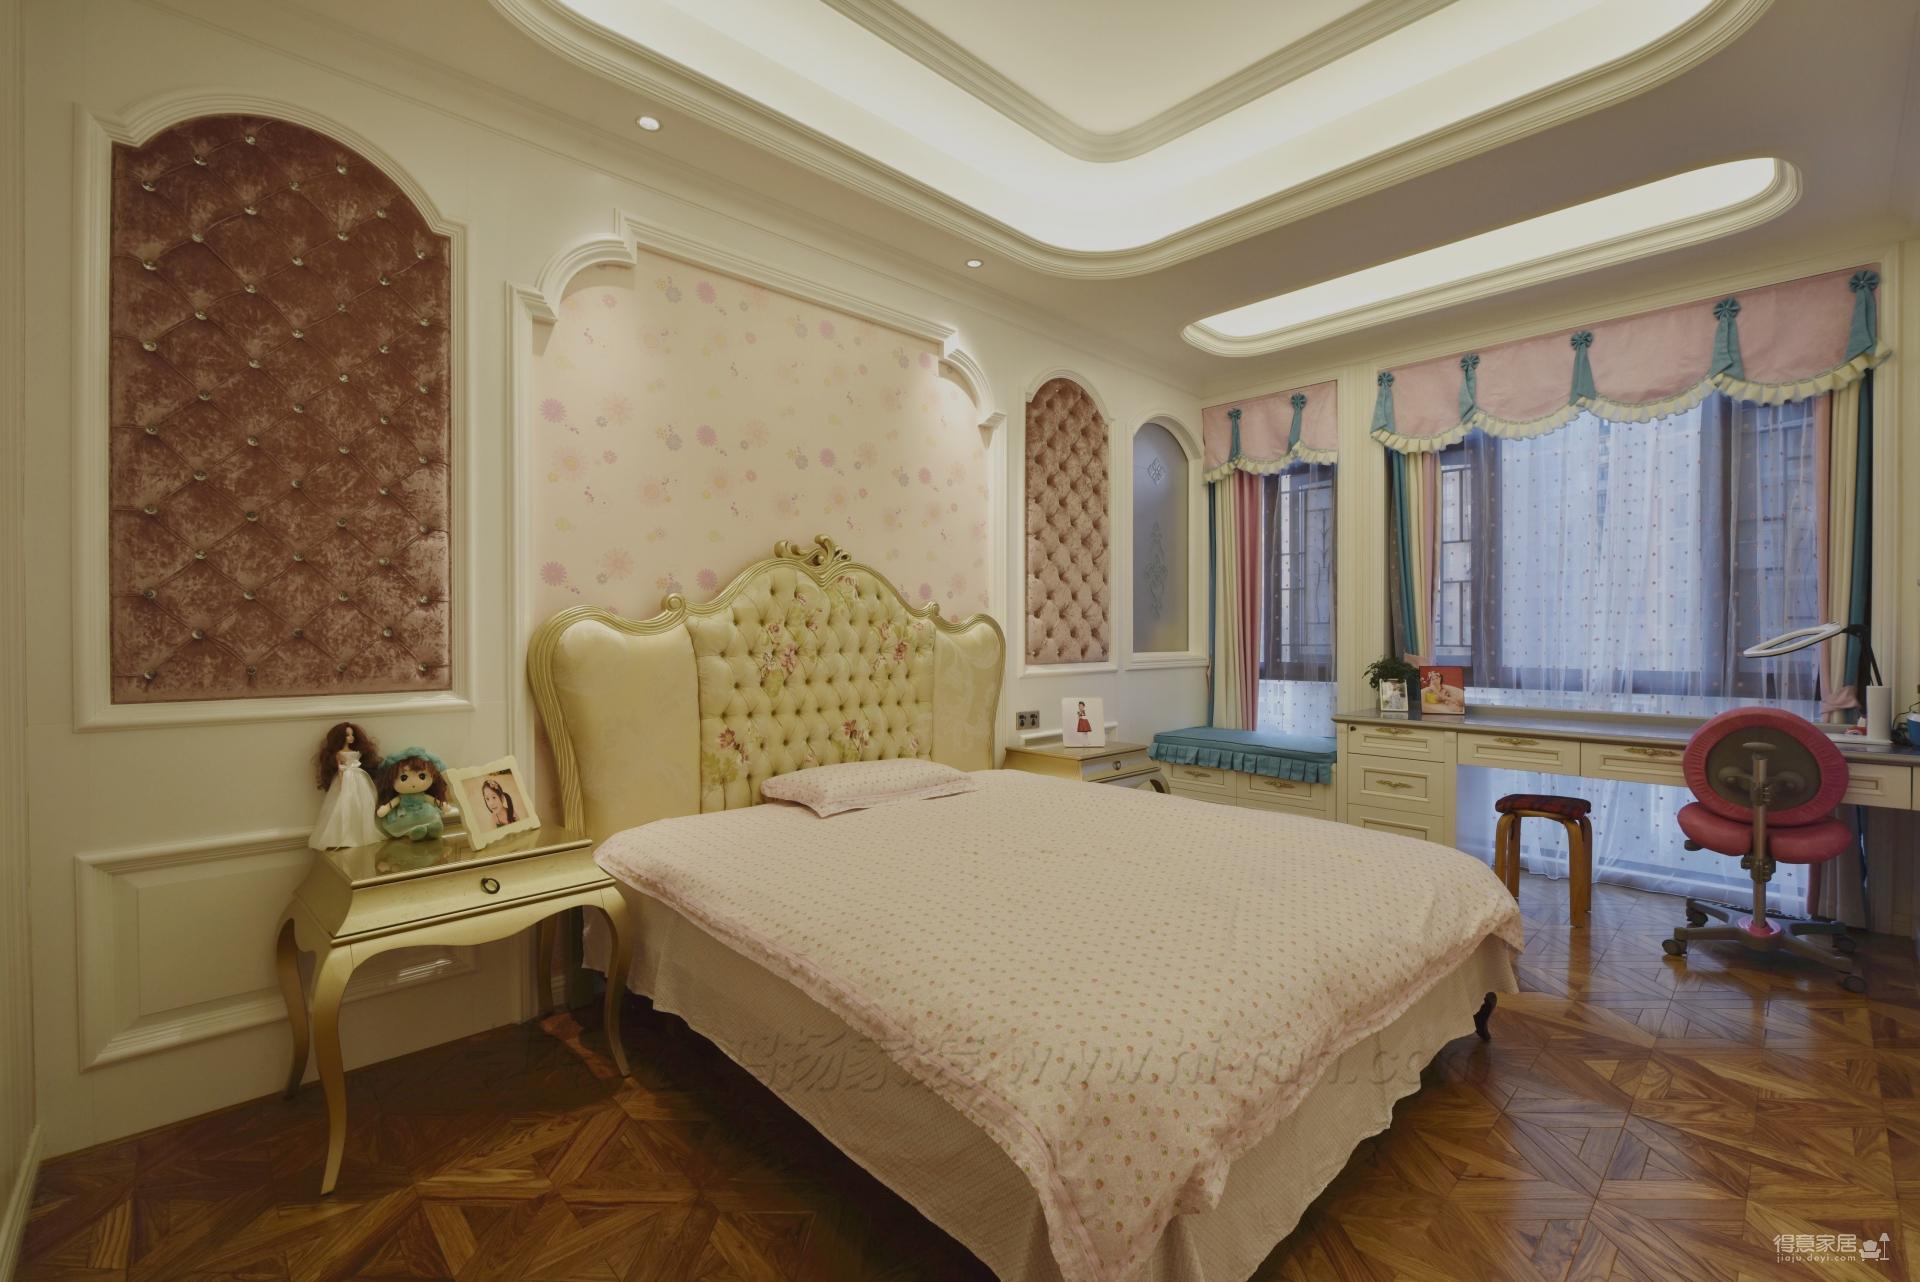 卢浮神韵——给你殿堂般的居家体验